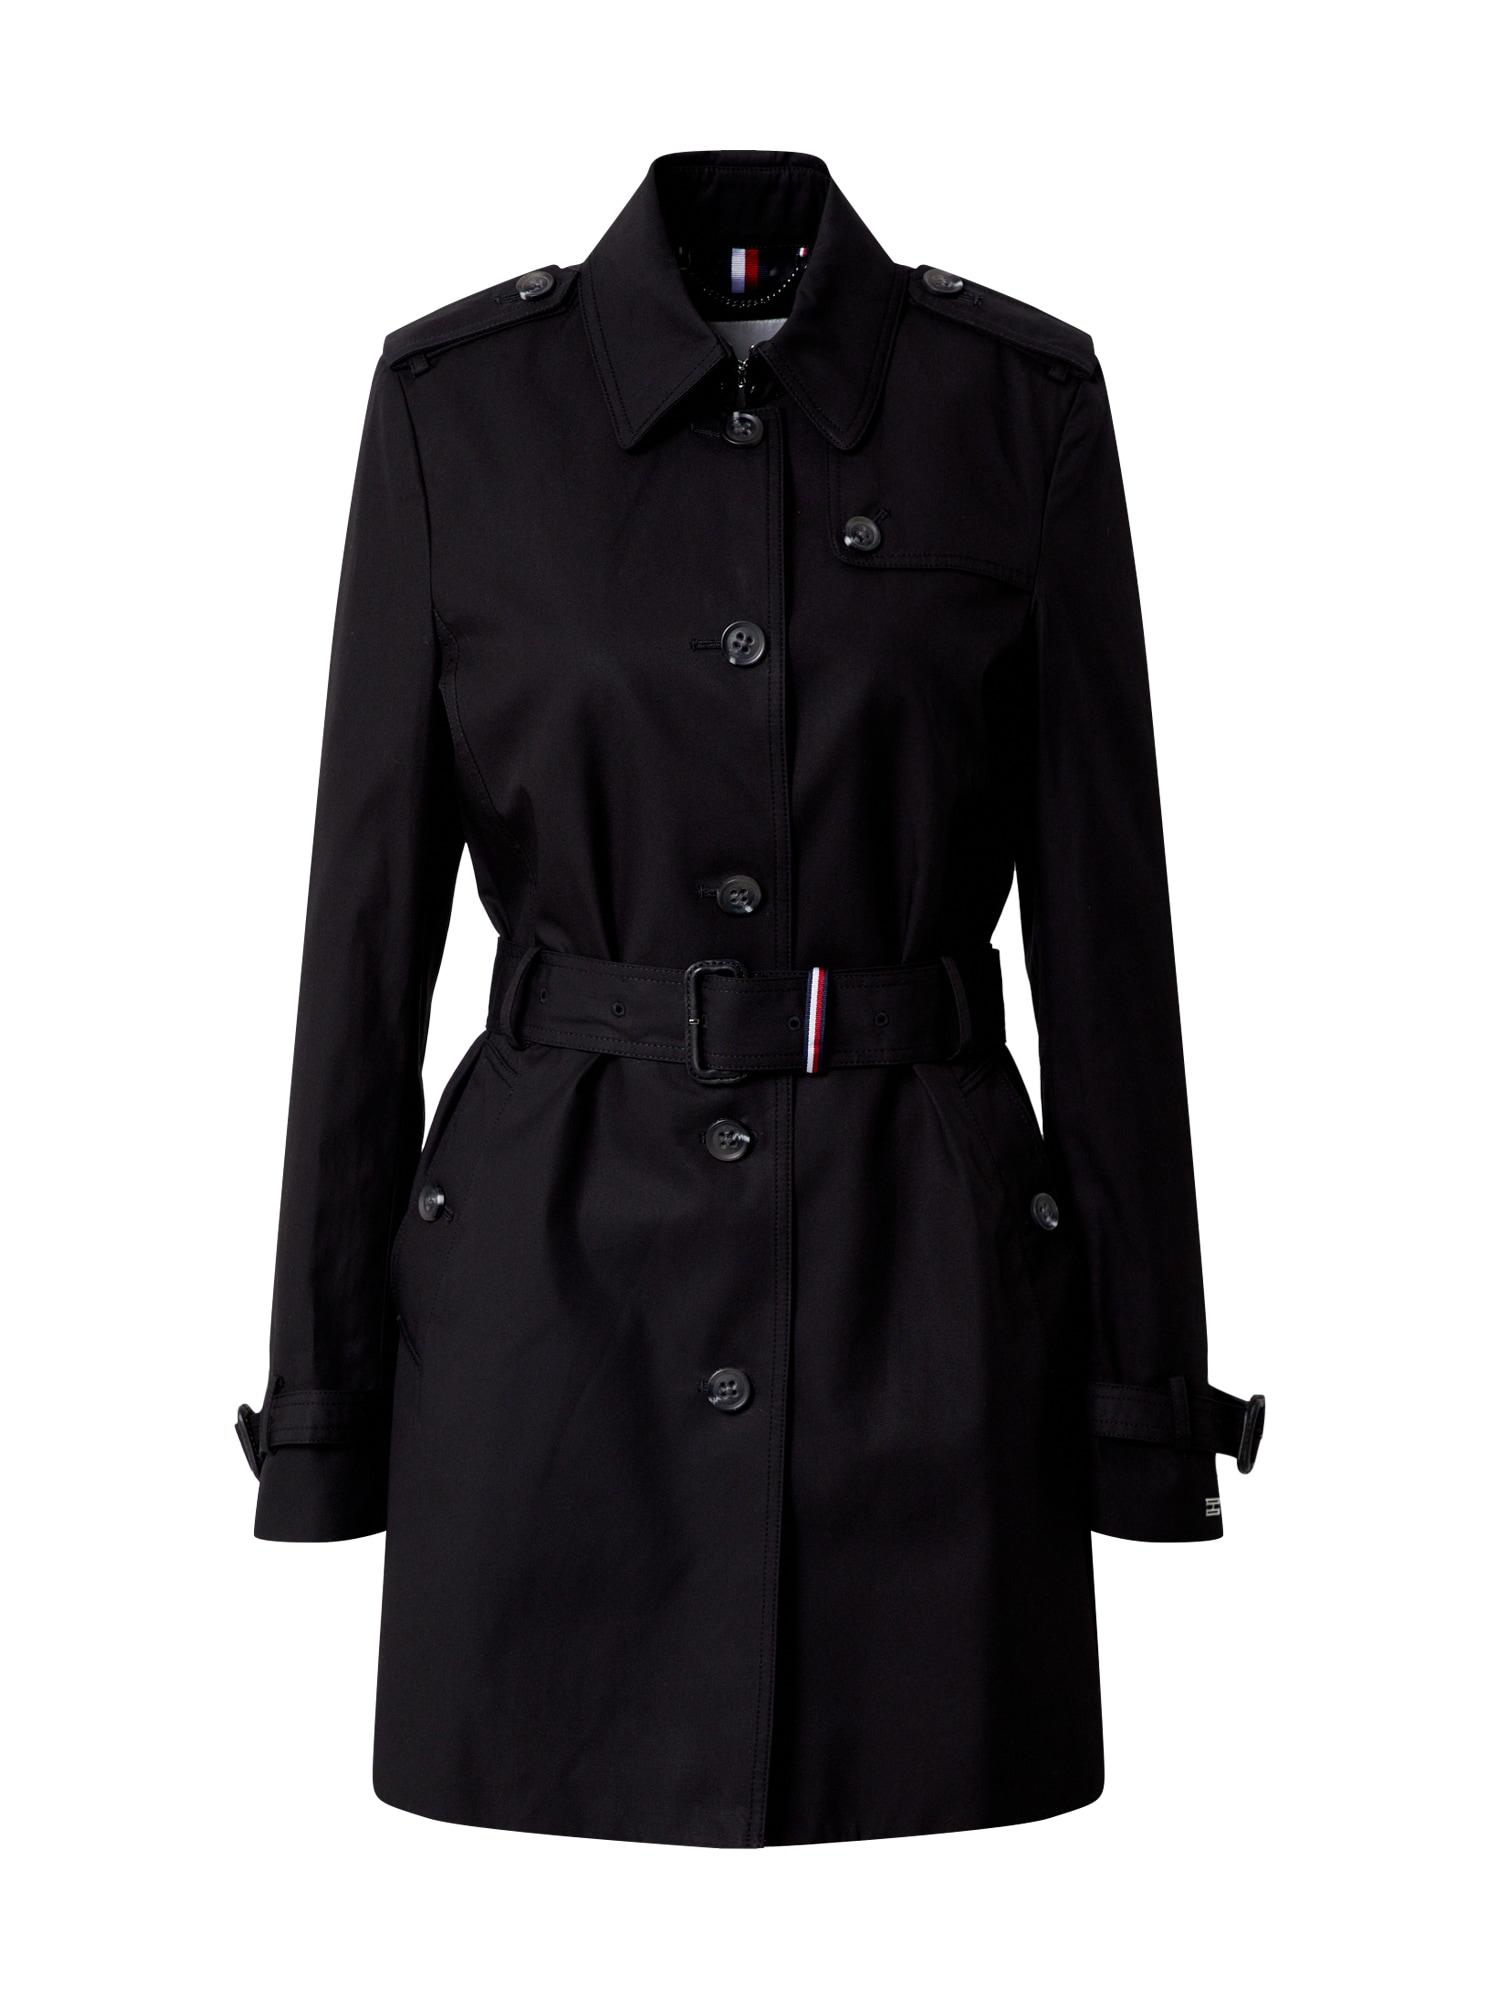 TOMMY HILFIGER Prechodný kabát 'SINGLE BREASTED TRENCH'  čierna